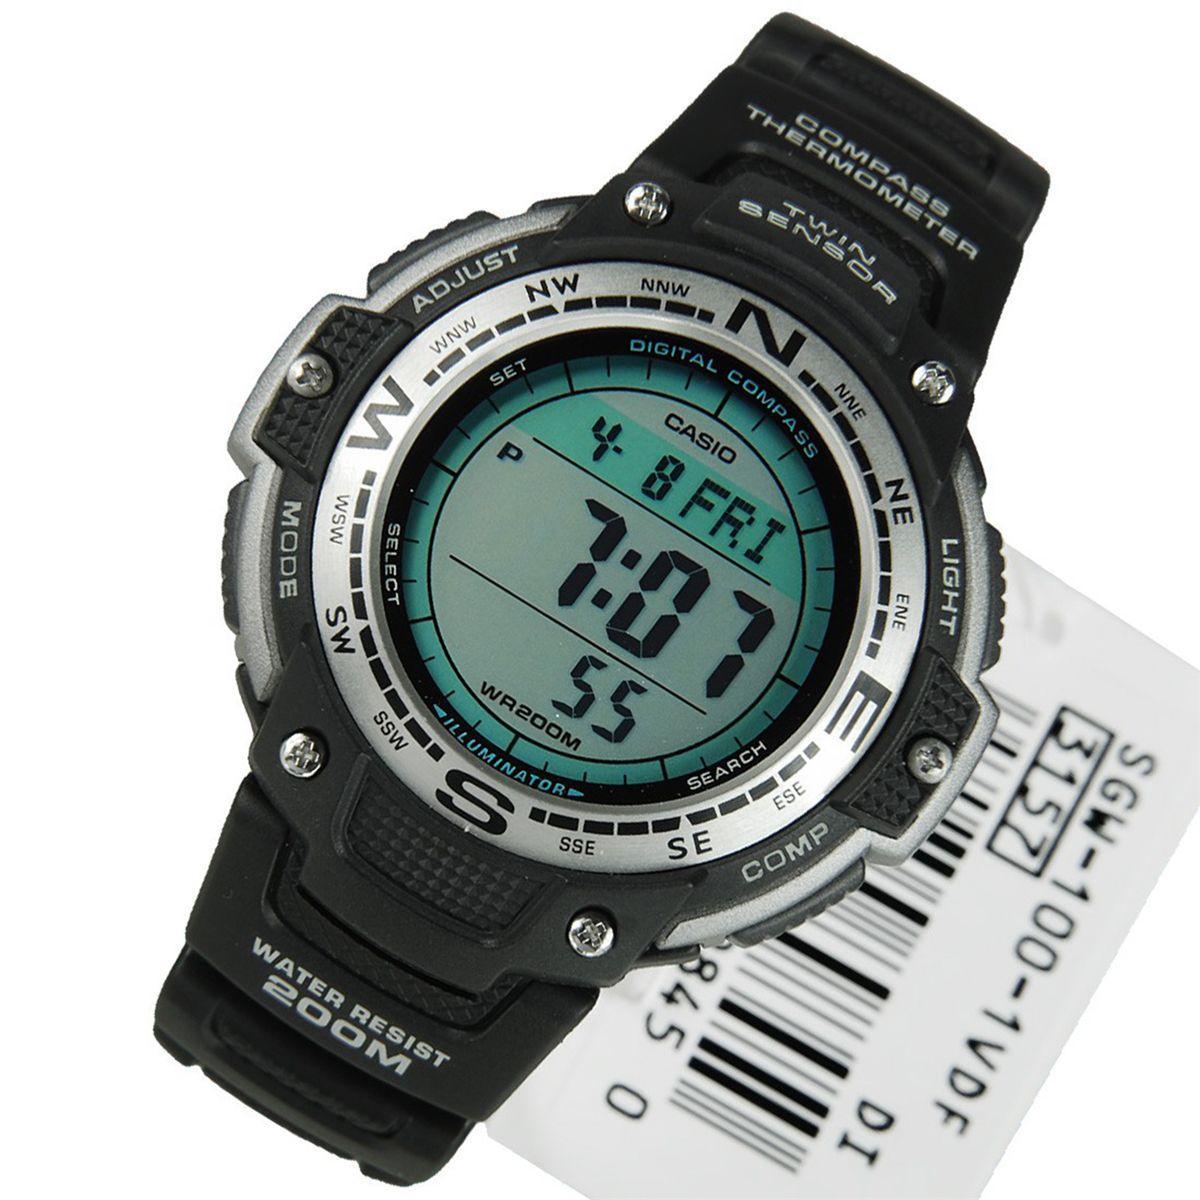 928bf0173fb Relogio Masculino Casio Analogico digital Sgw-100-1vdf - Preto Produto não  disponível